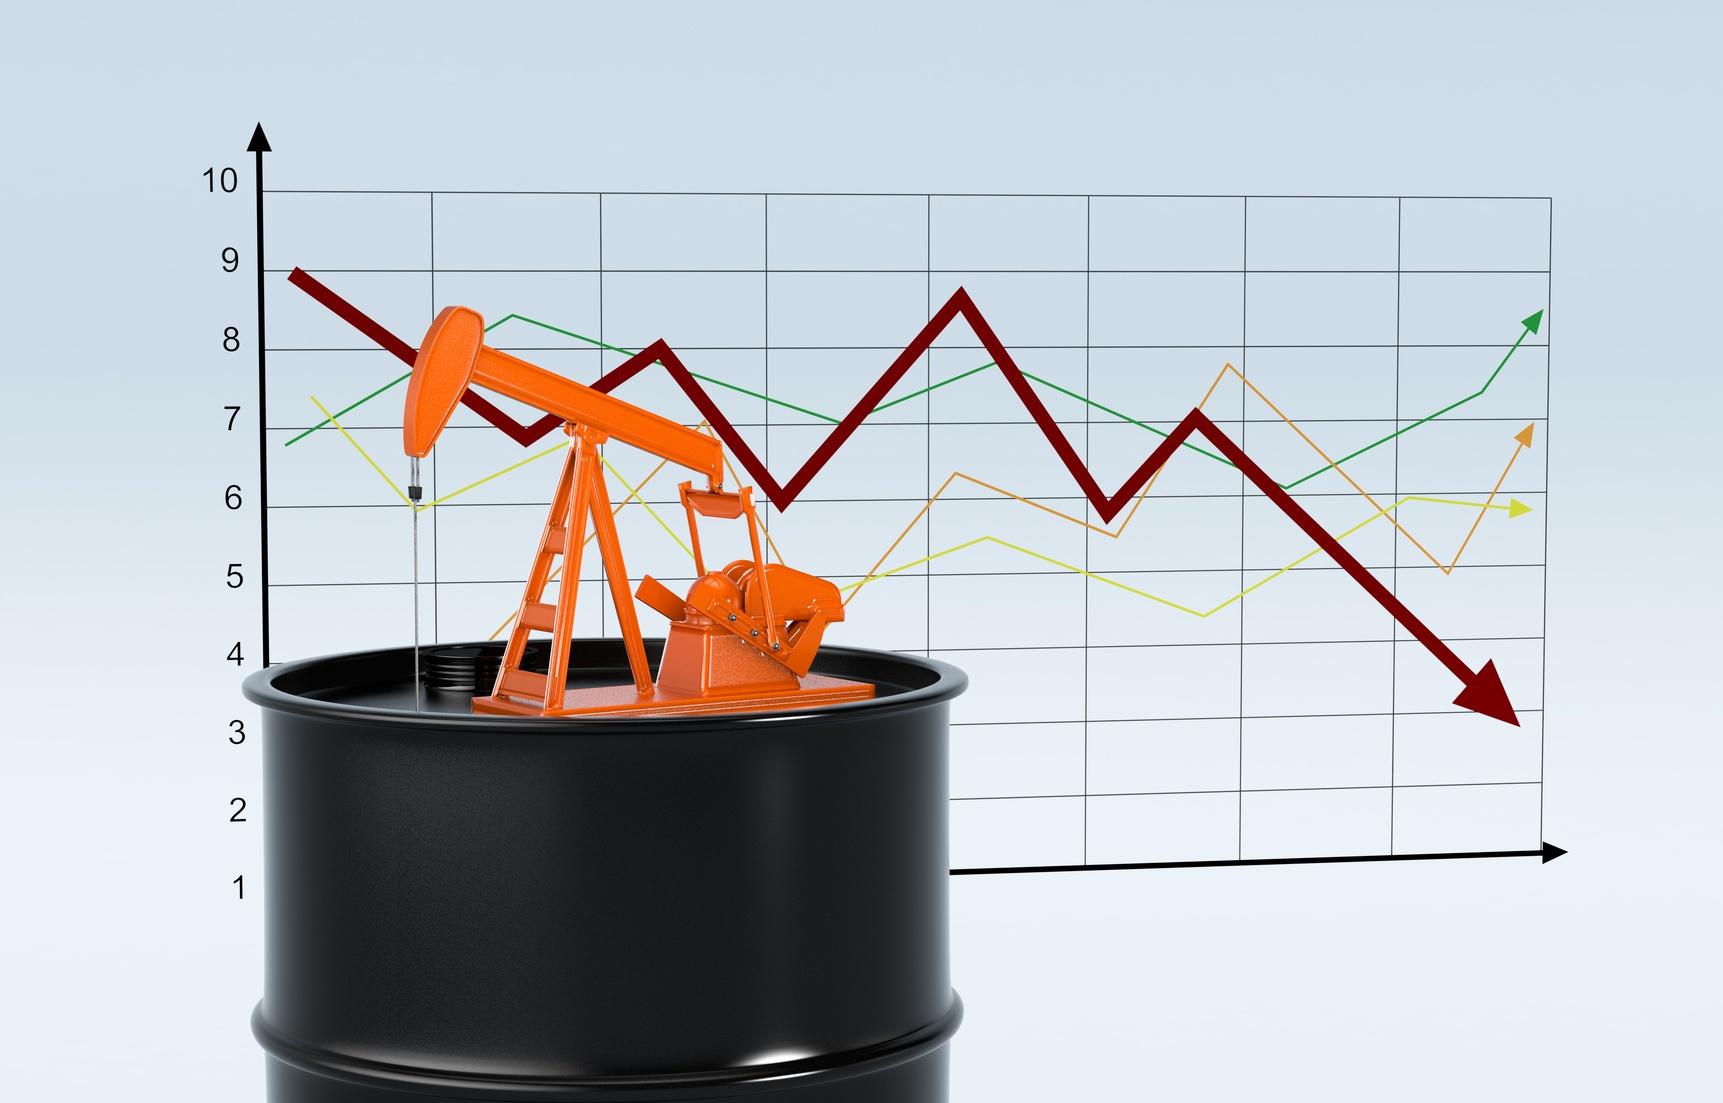 стоимости-нефти